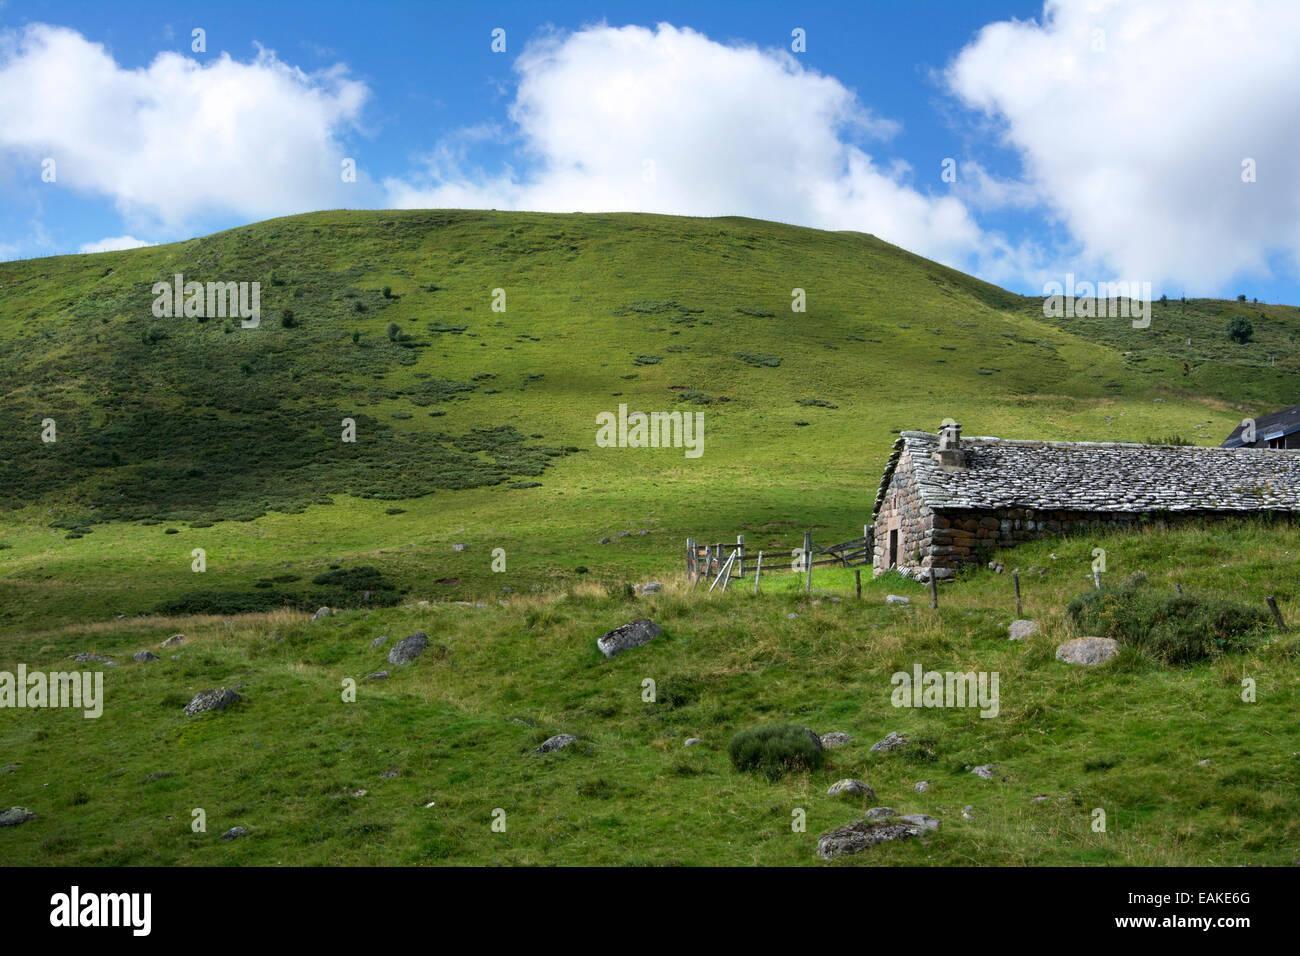 Buron. Prat de Bouc. Cantal. Auvergne. France - Stock Image